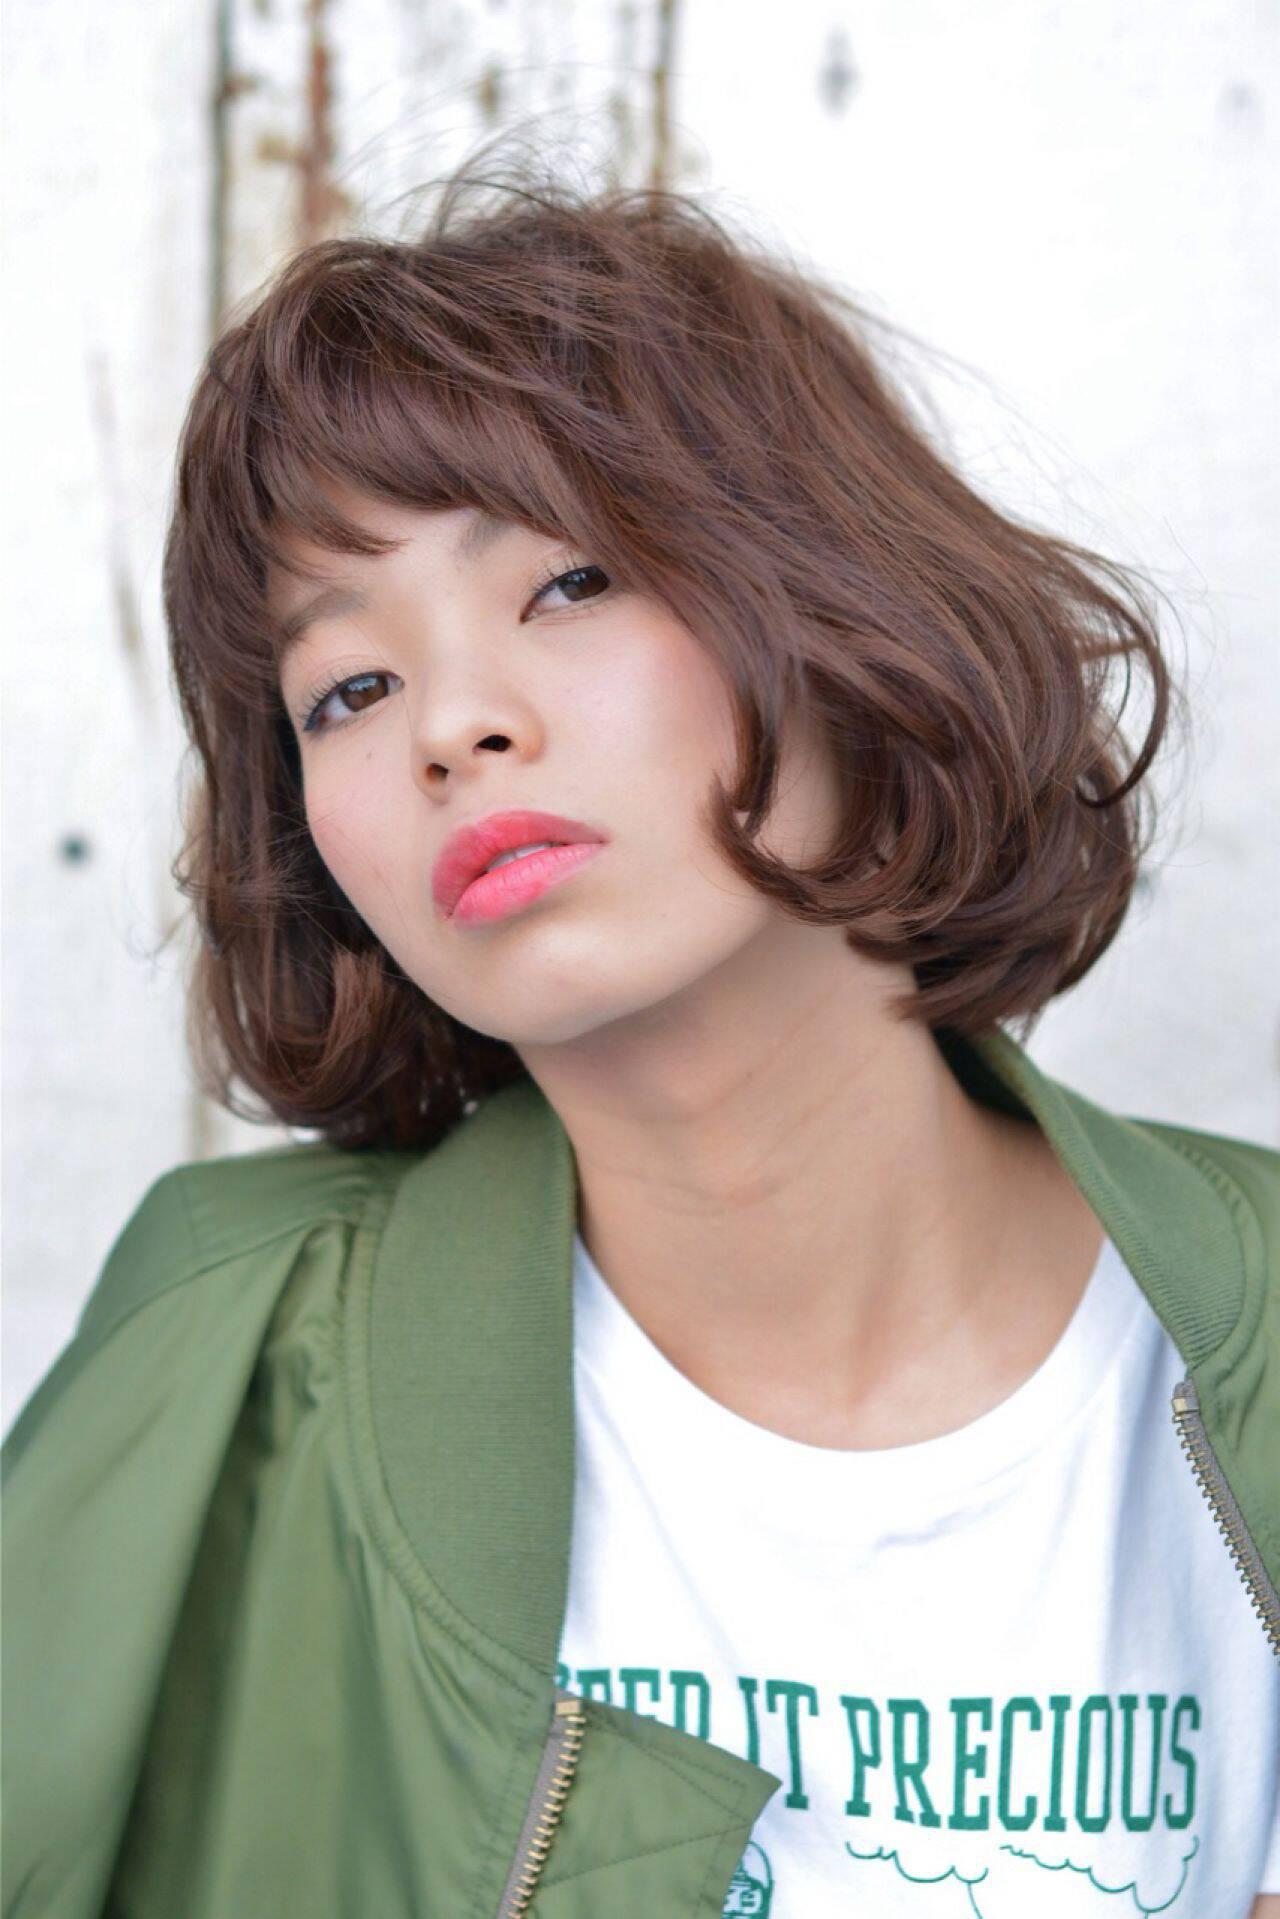 ウェーブ モード ストレート ボブヘアスタイルや髪型の写真・画像